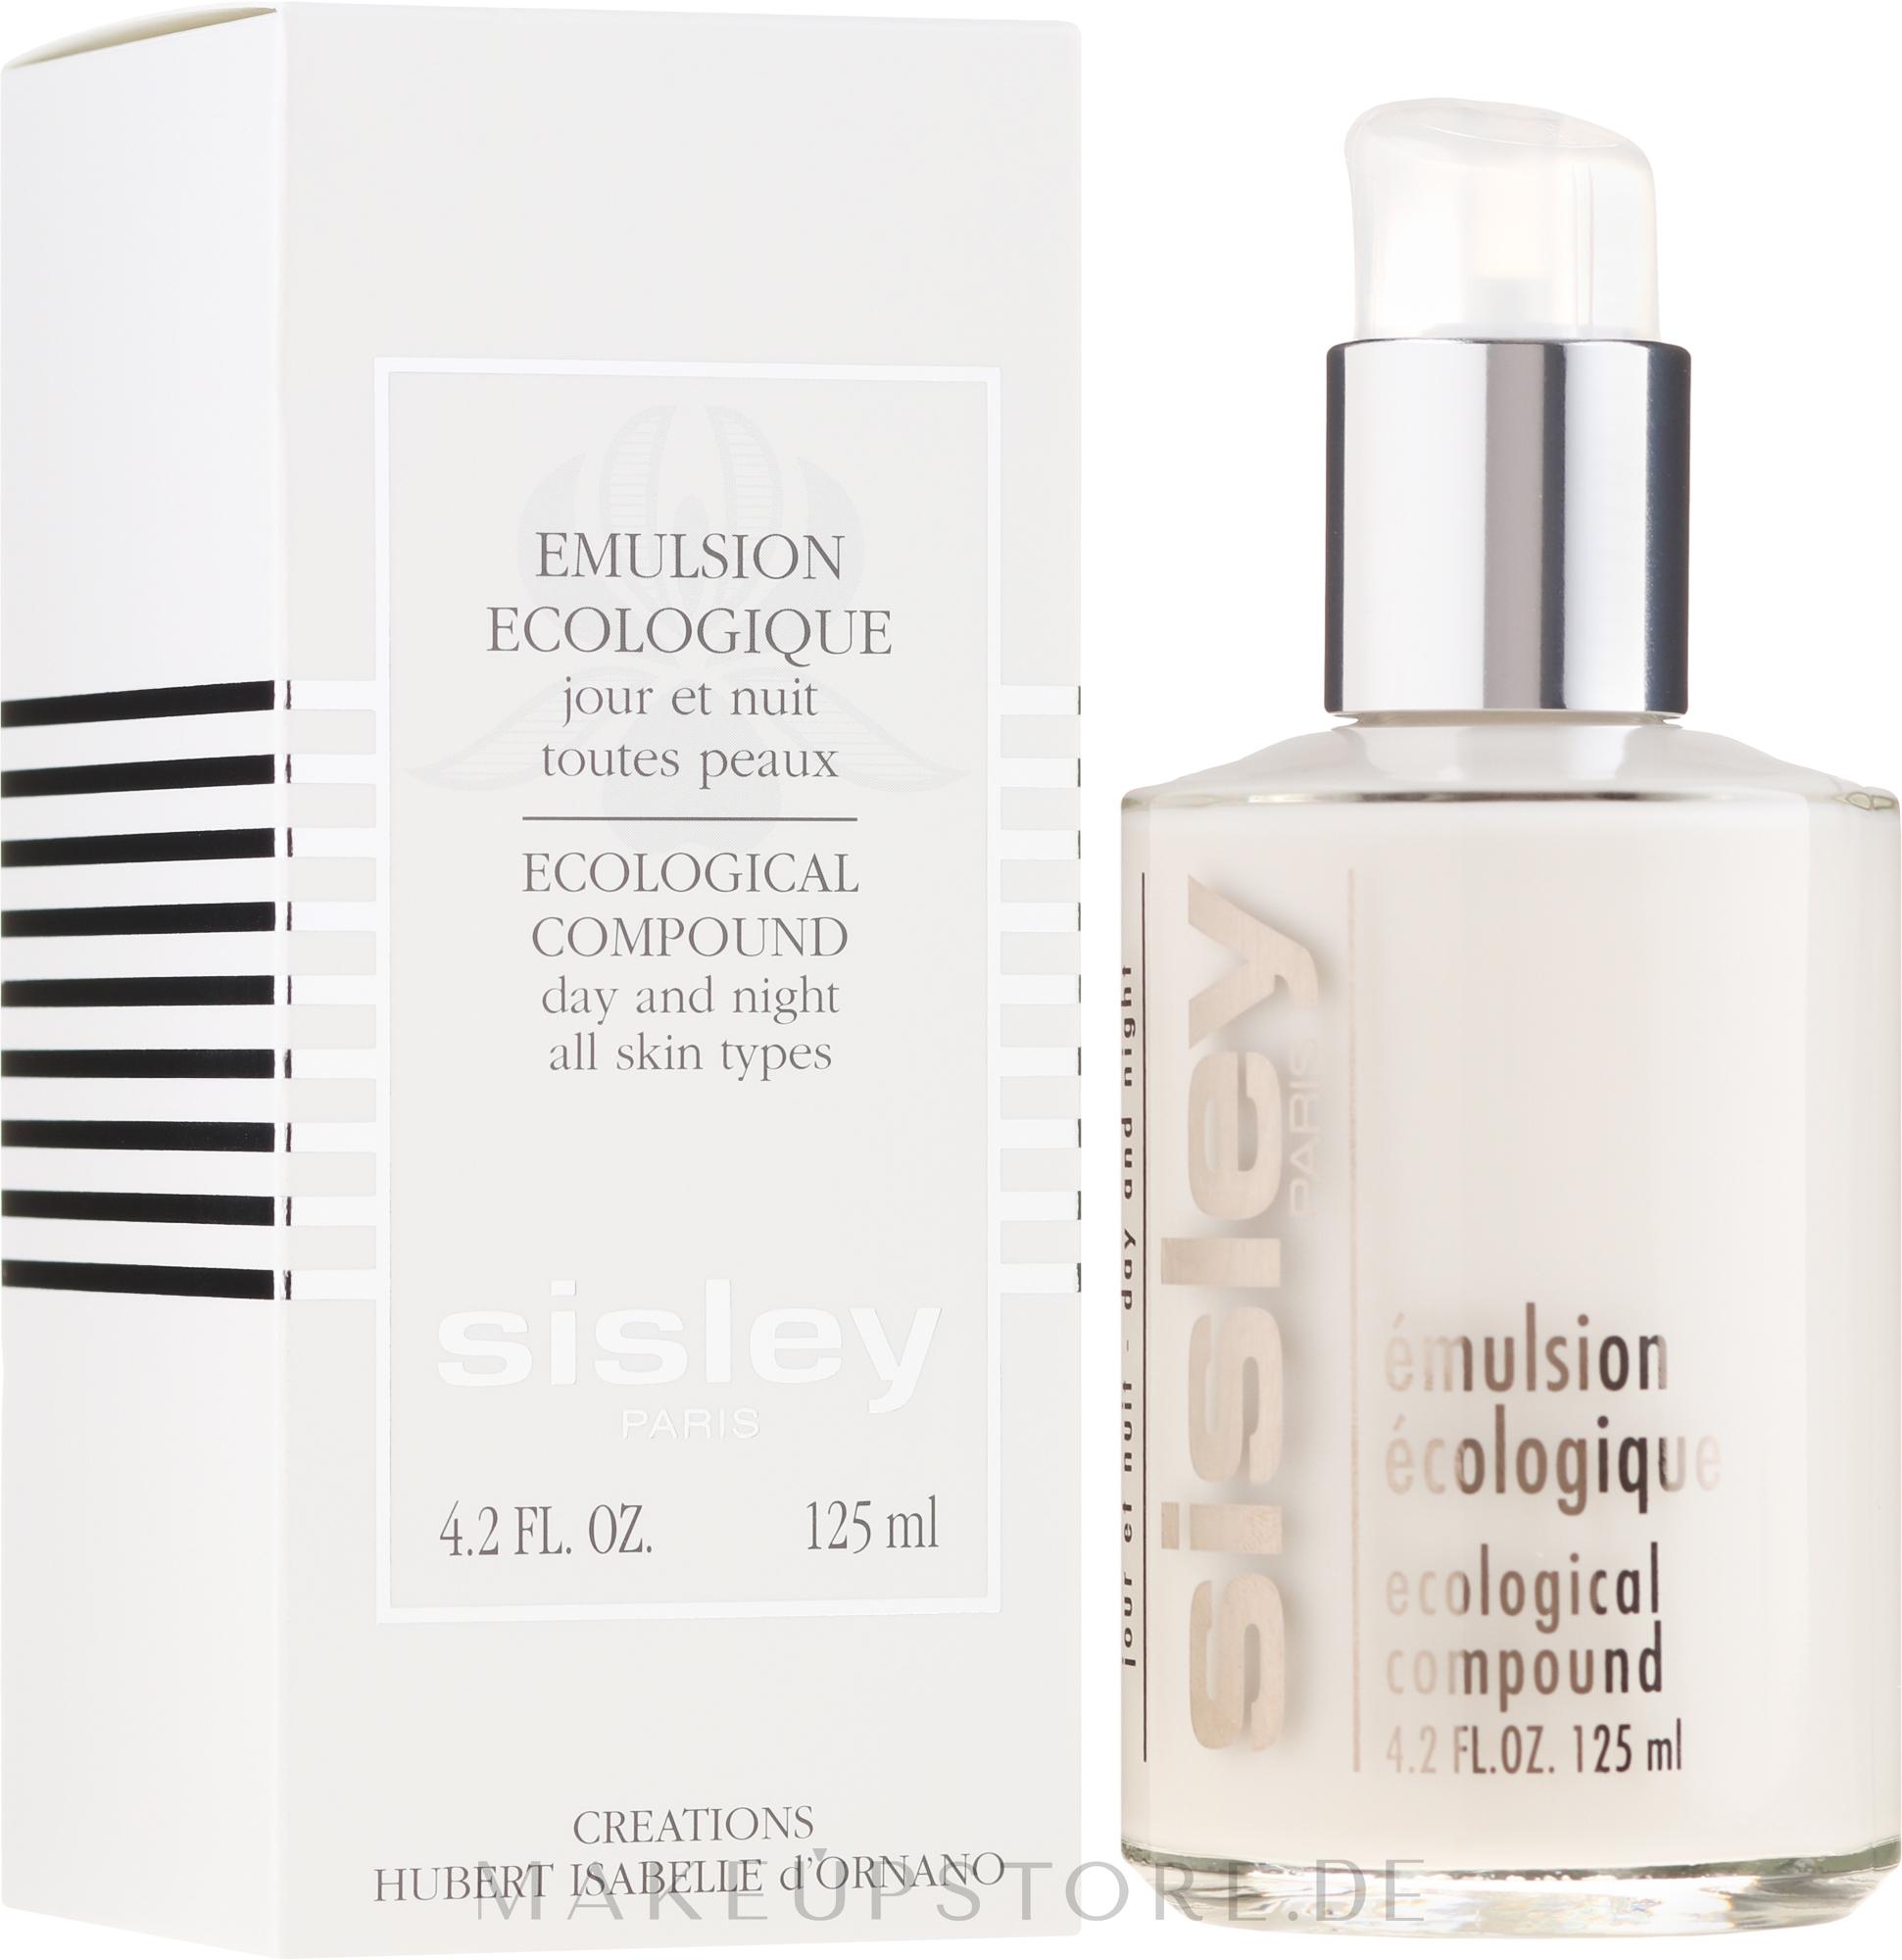 Gesichtsemulsion für Tag und Nacht für alle Hauttypen - Sisley Emulsion Ecologique Ecological Compound — Bild 125 ml